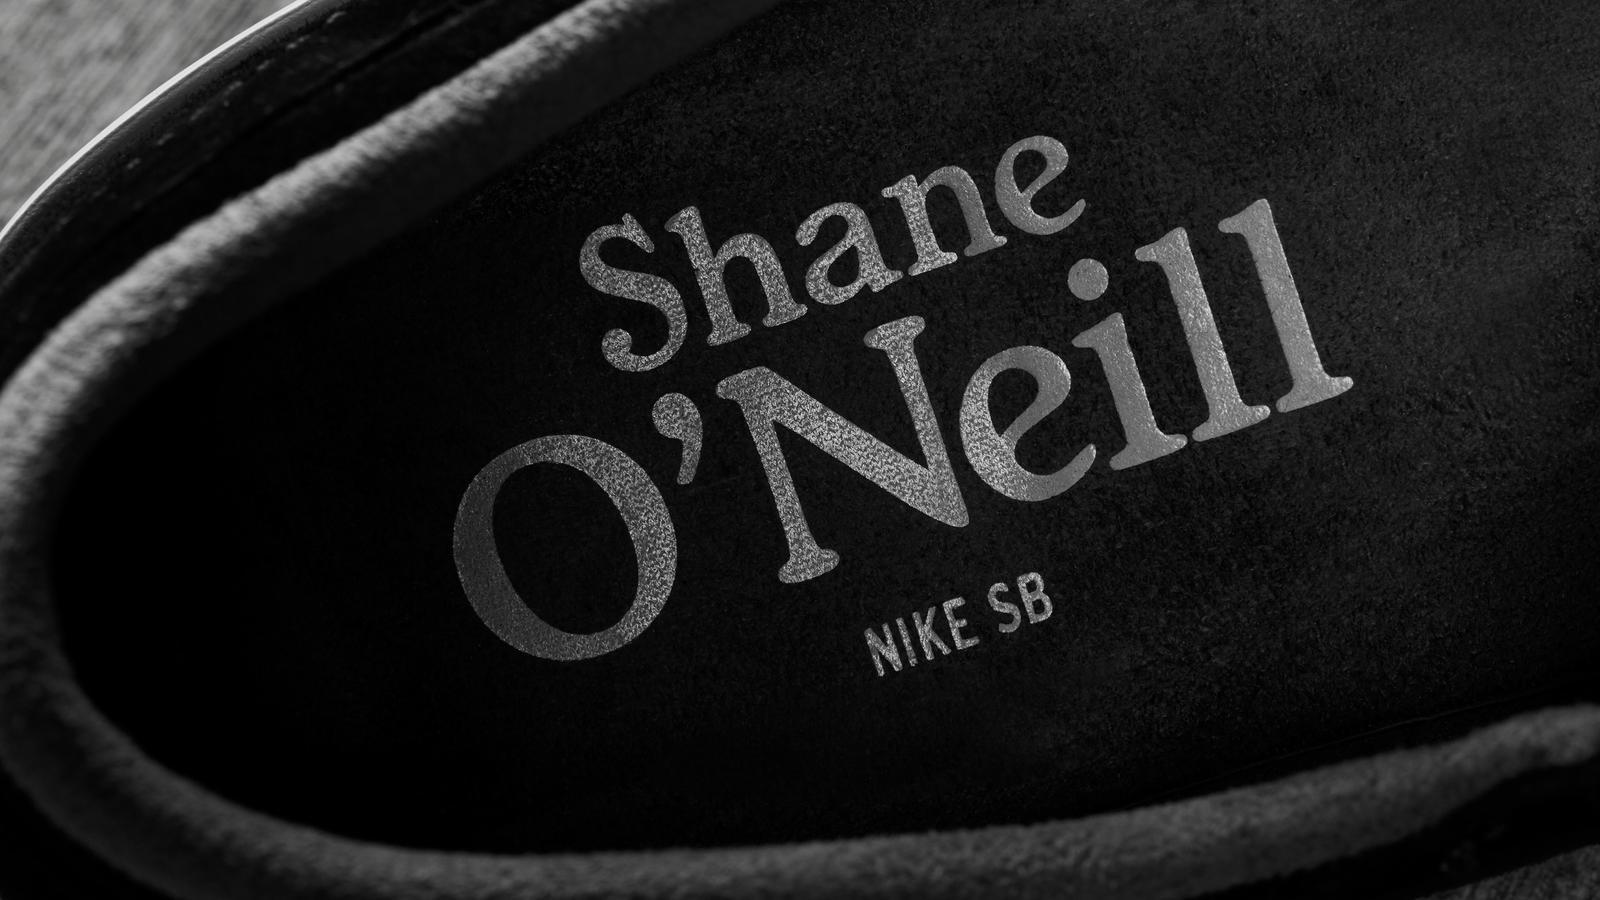 170320 footwear sb blk oneill 0315 hd 1600